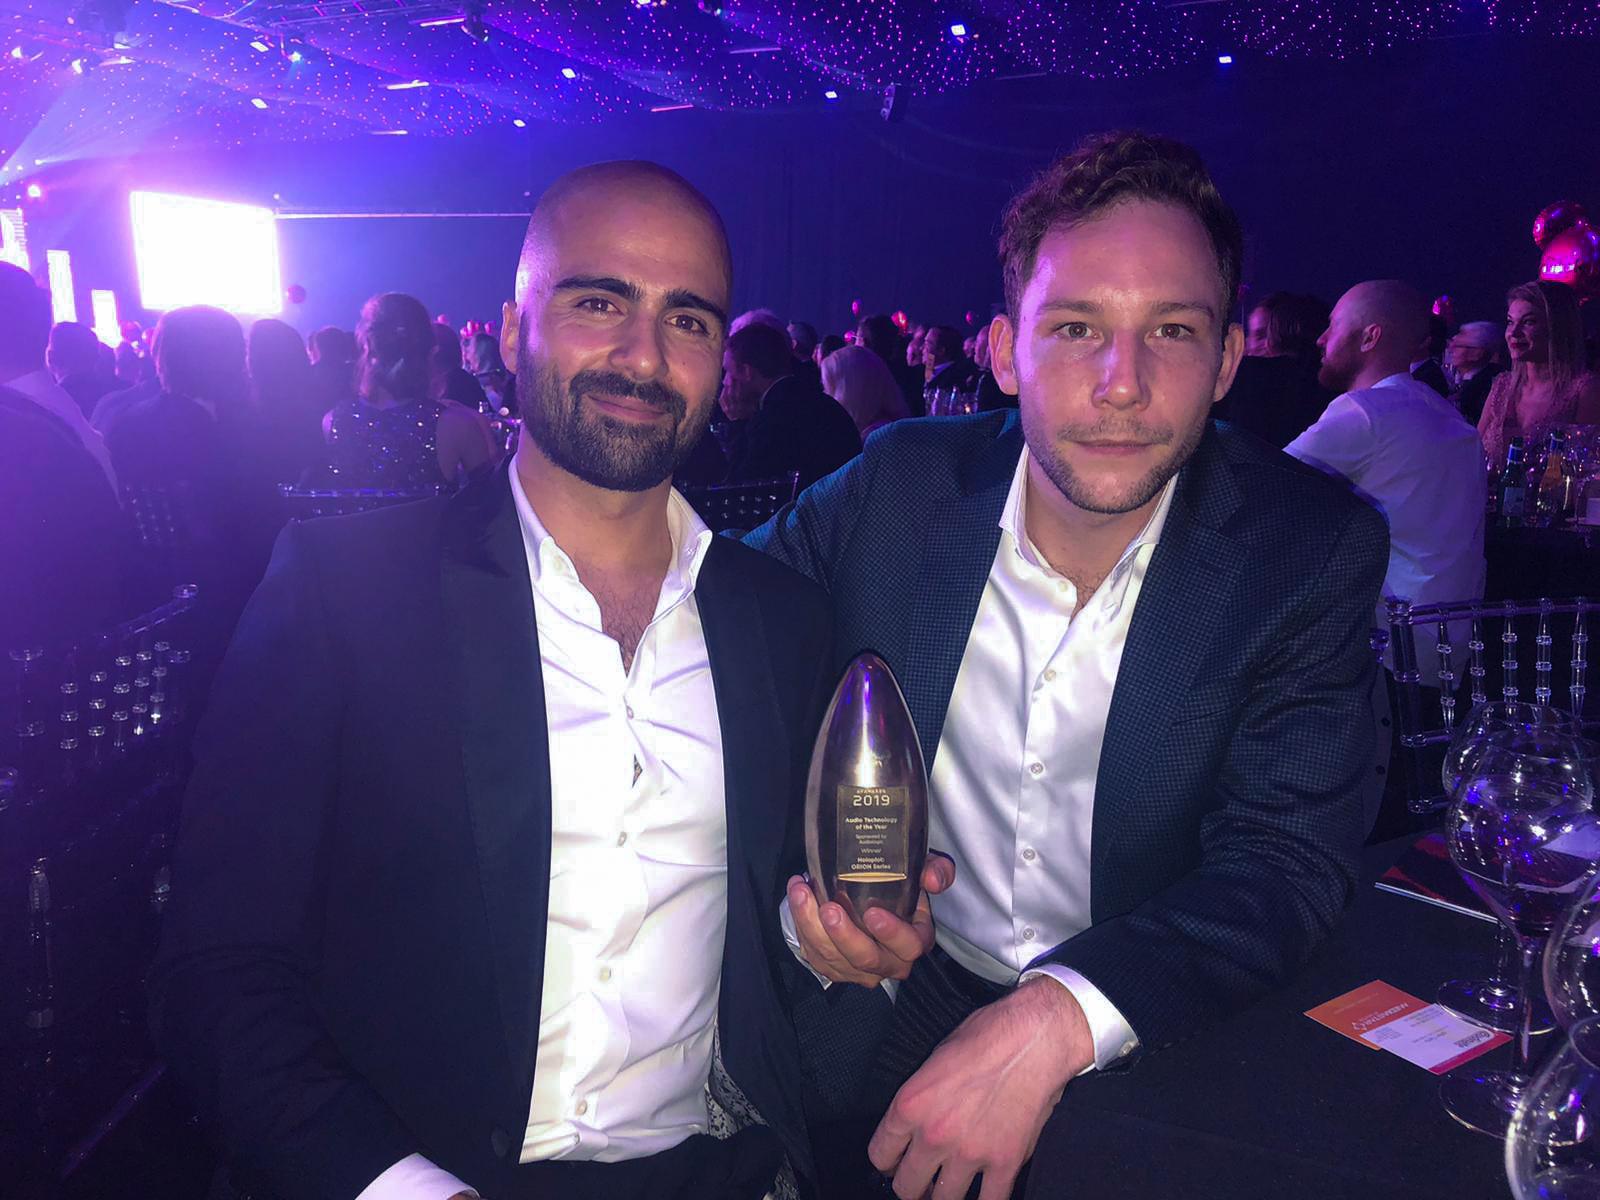 Roman Sick (CEO) und Tobias Wulf (Senior Growth Manager) von Holoplot bei der Verleihung des AV Award 2019. Photo: Holoplot GmbH